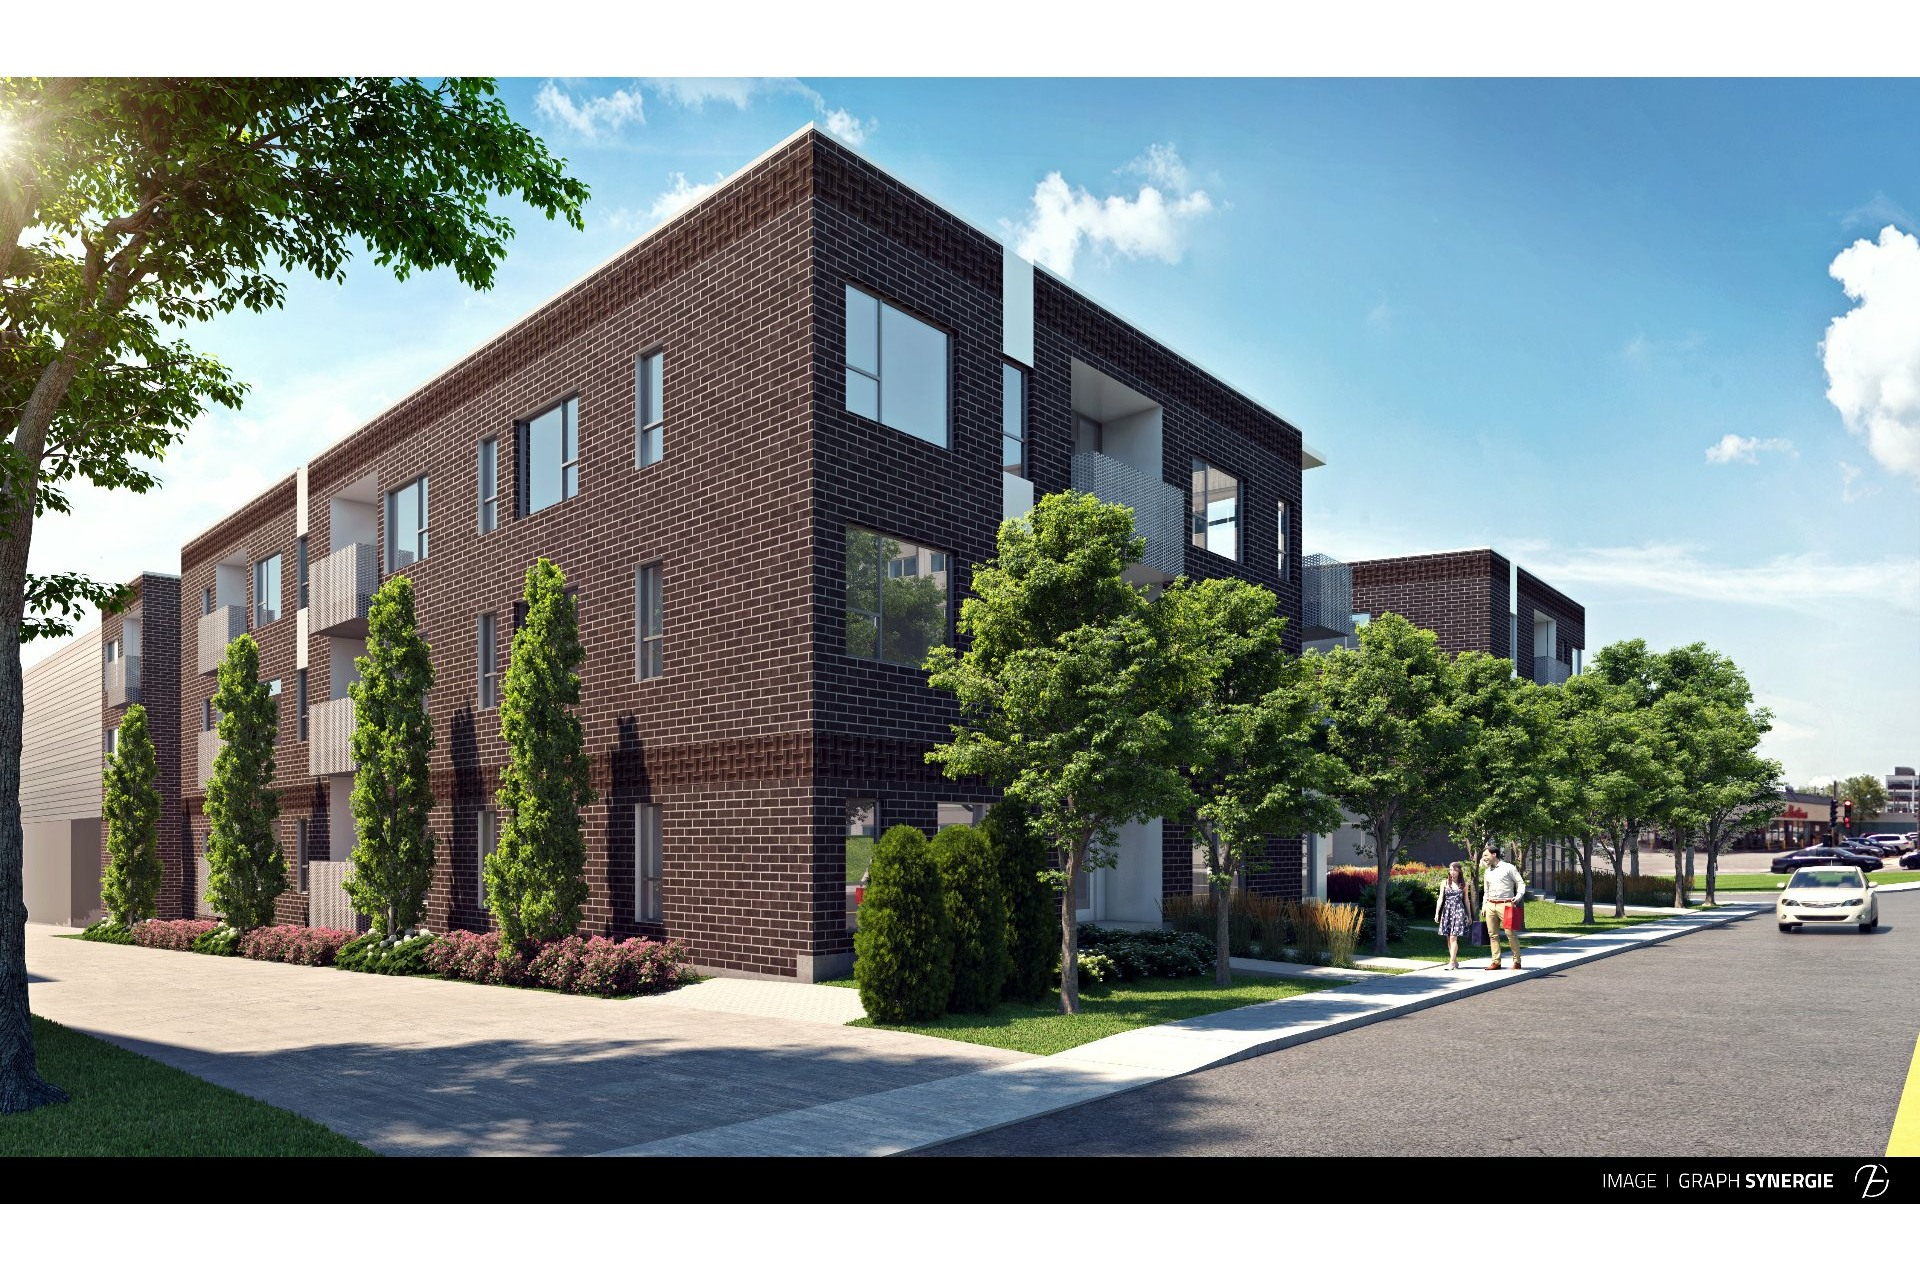 image 8 - Appartement À vendre Rosemont/La Petite-Patrie Montréal  - 5 pièces